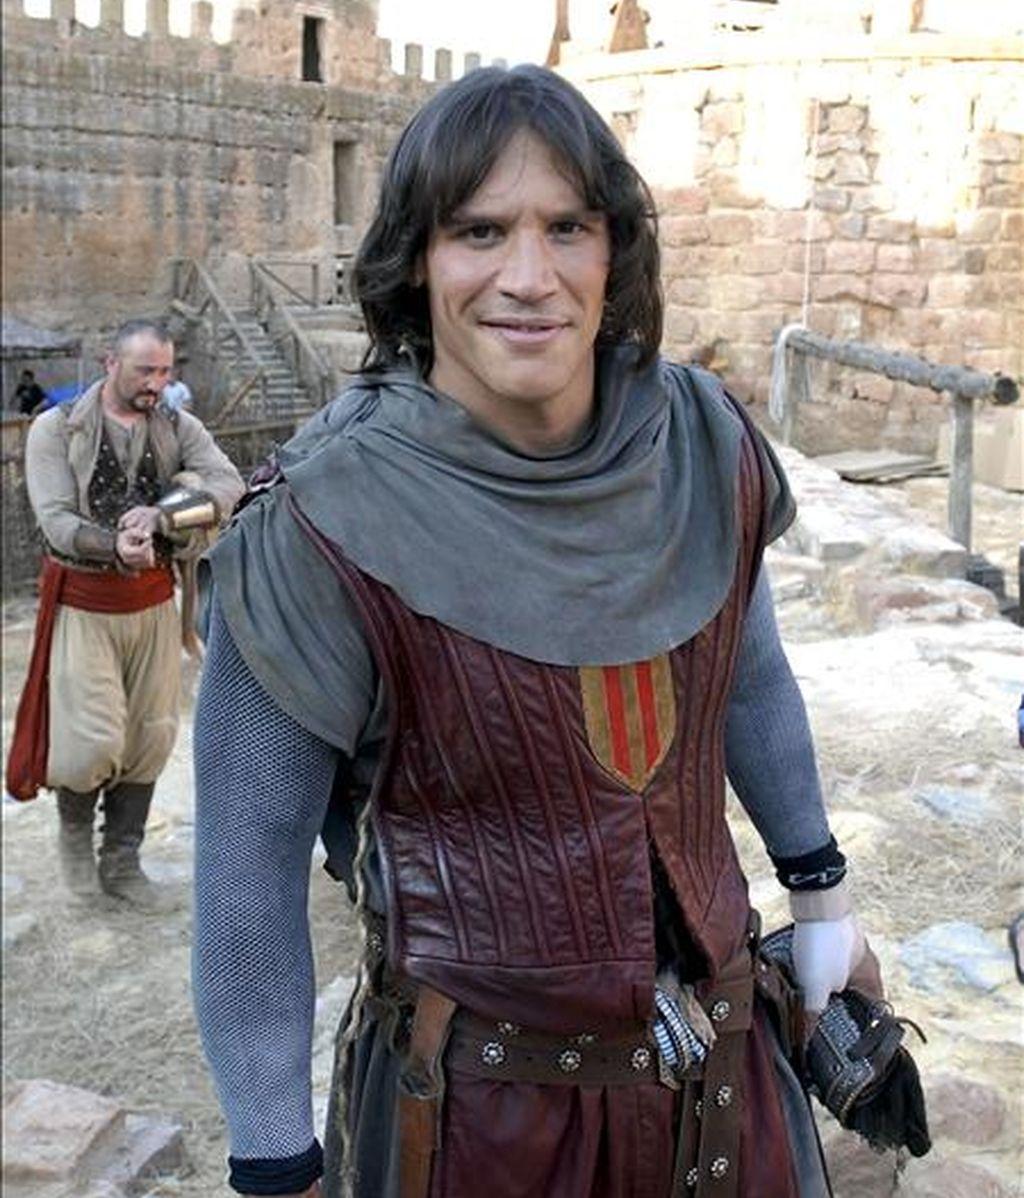 En la foto, el actor Sergio Peris, que interpreta al Capitán Trueno. EFE/Archivo